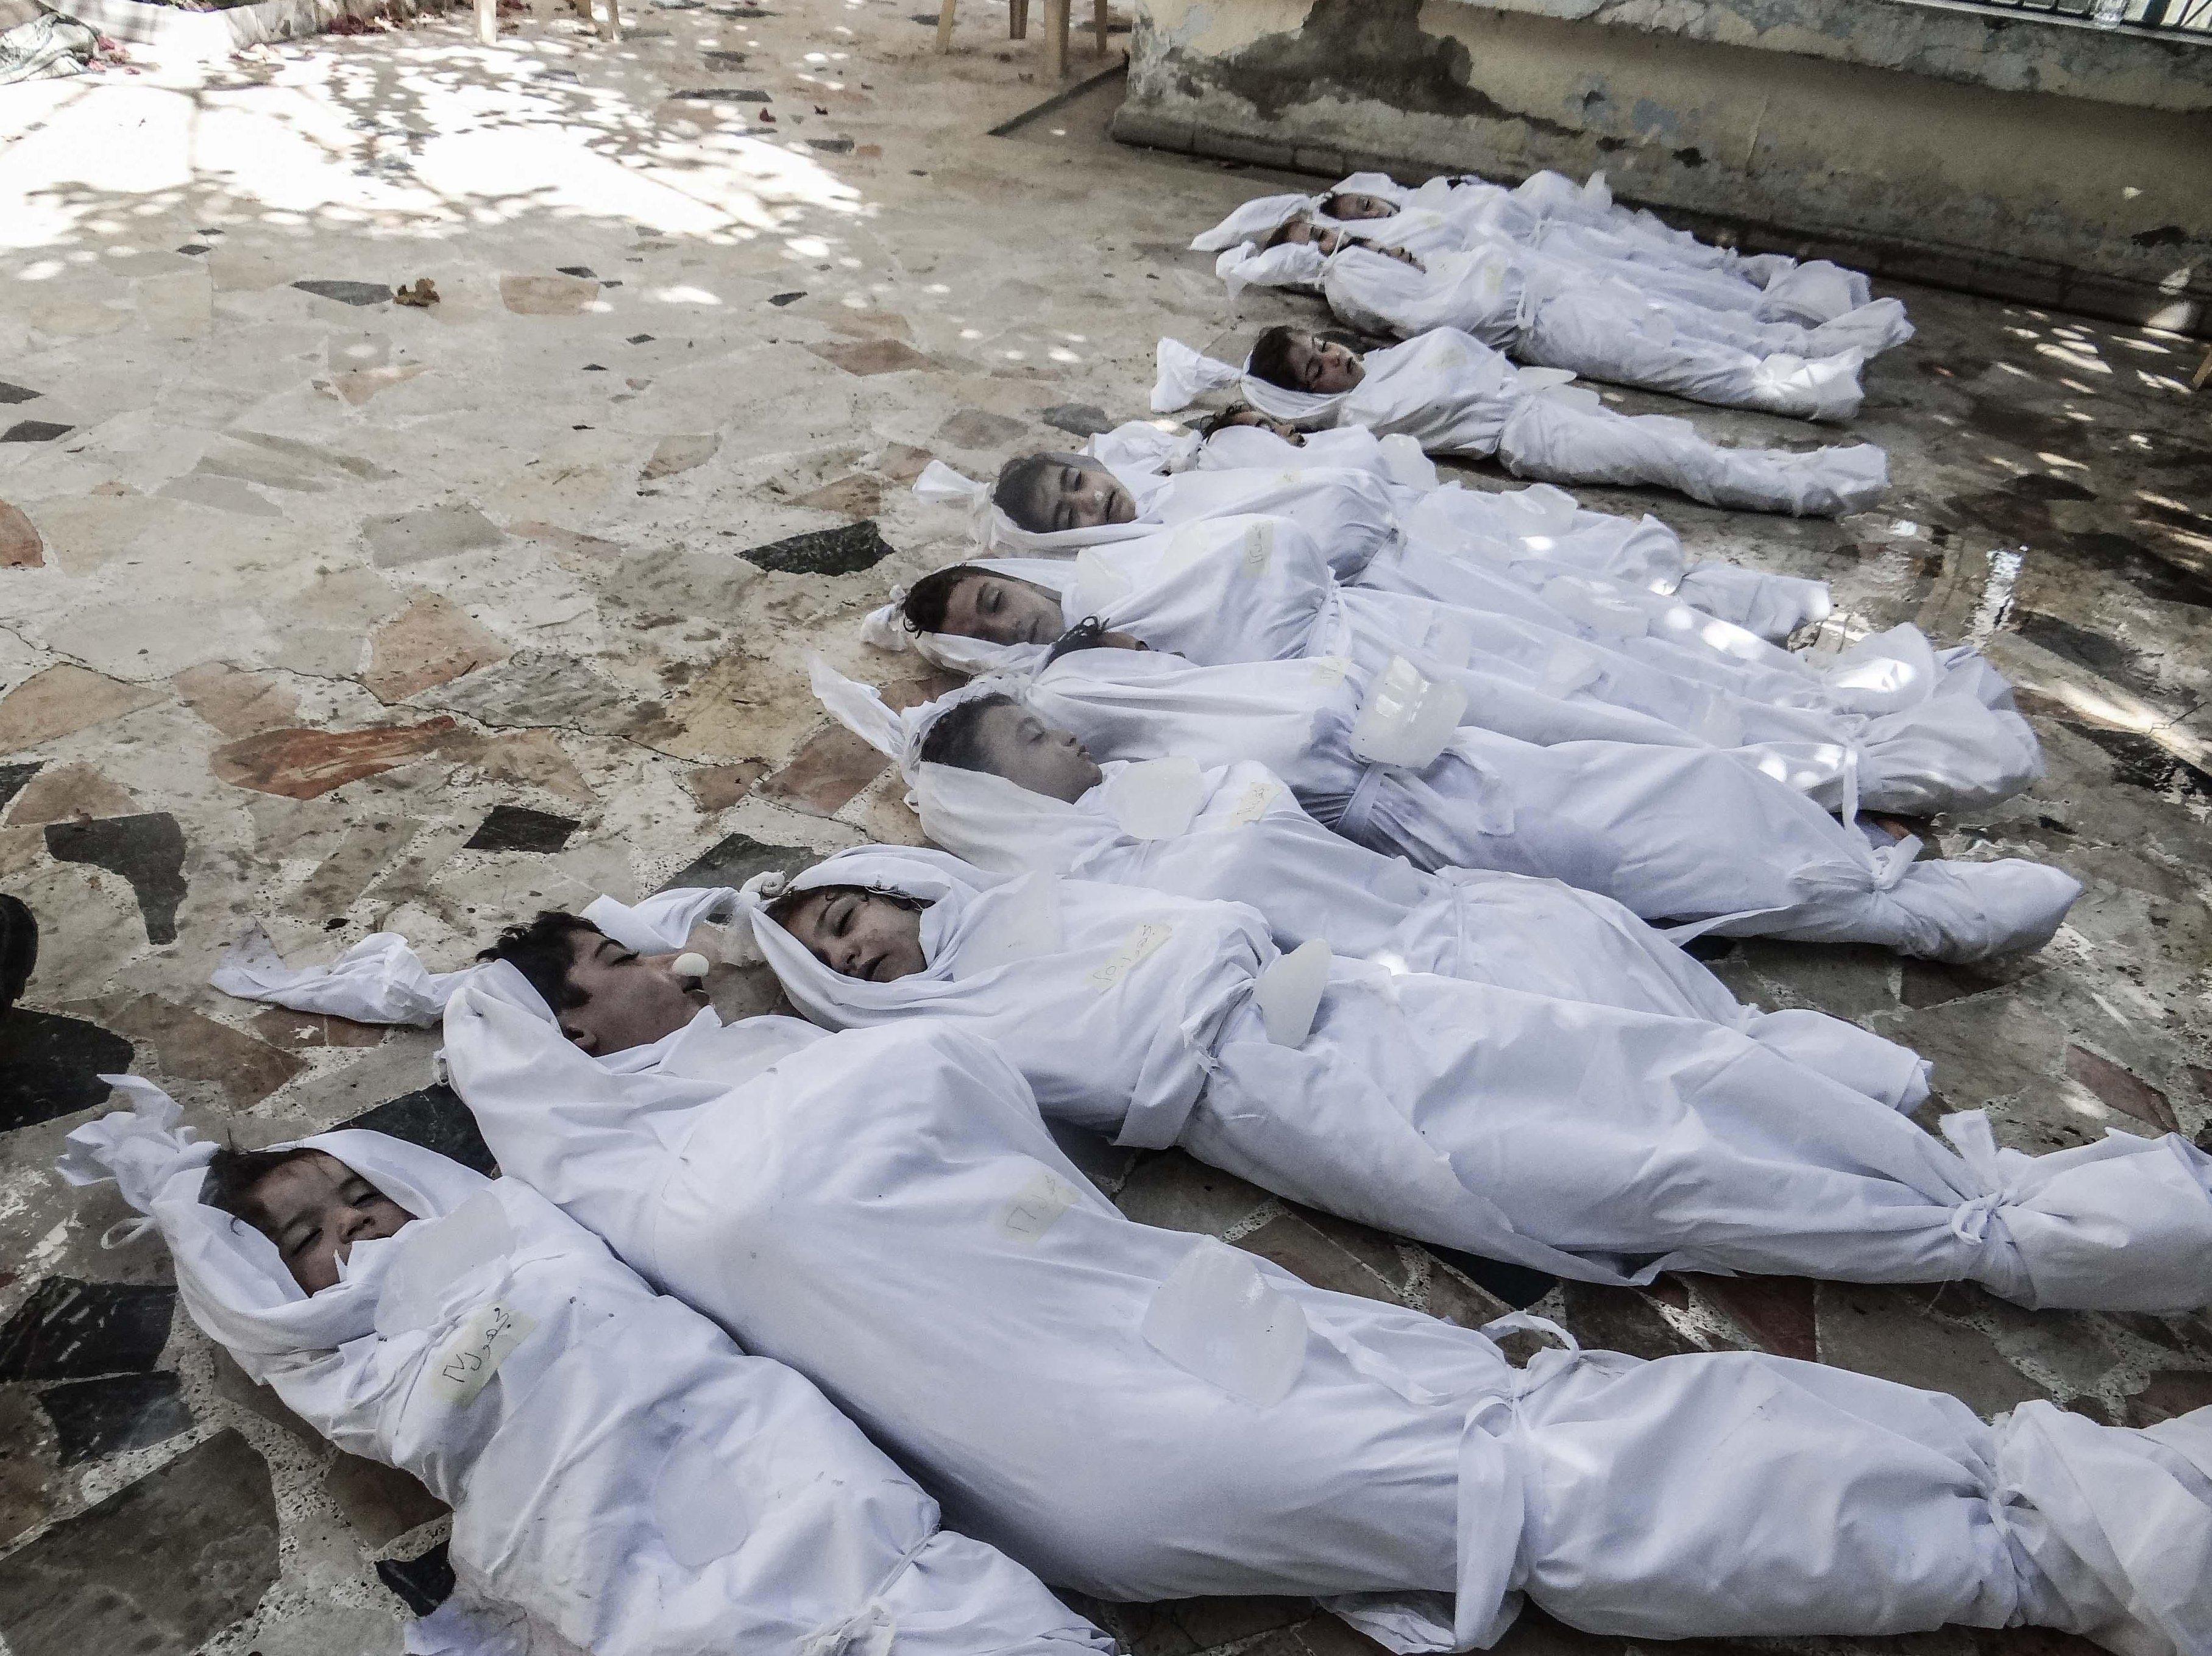 Victimes de l'attaque à l'arme chimique du mercredi 21 août 2013